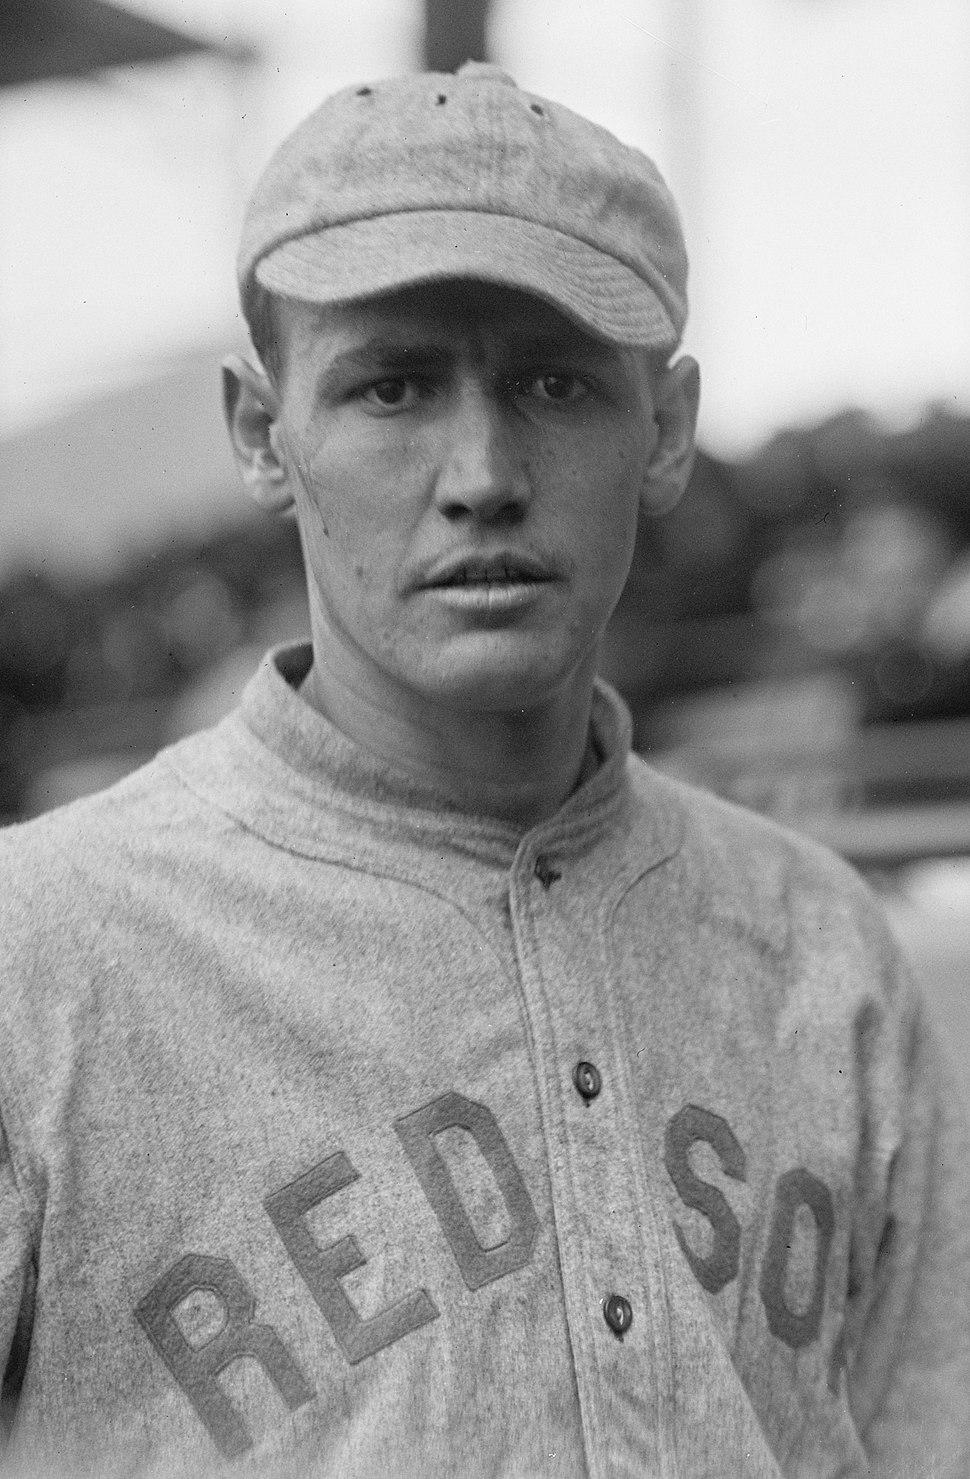 Joe Wood 1915